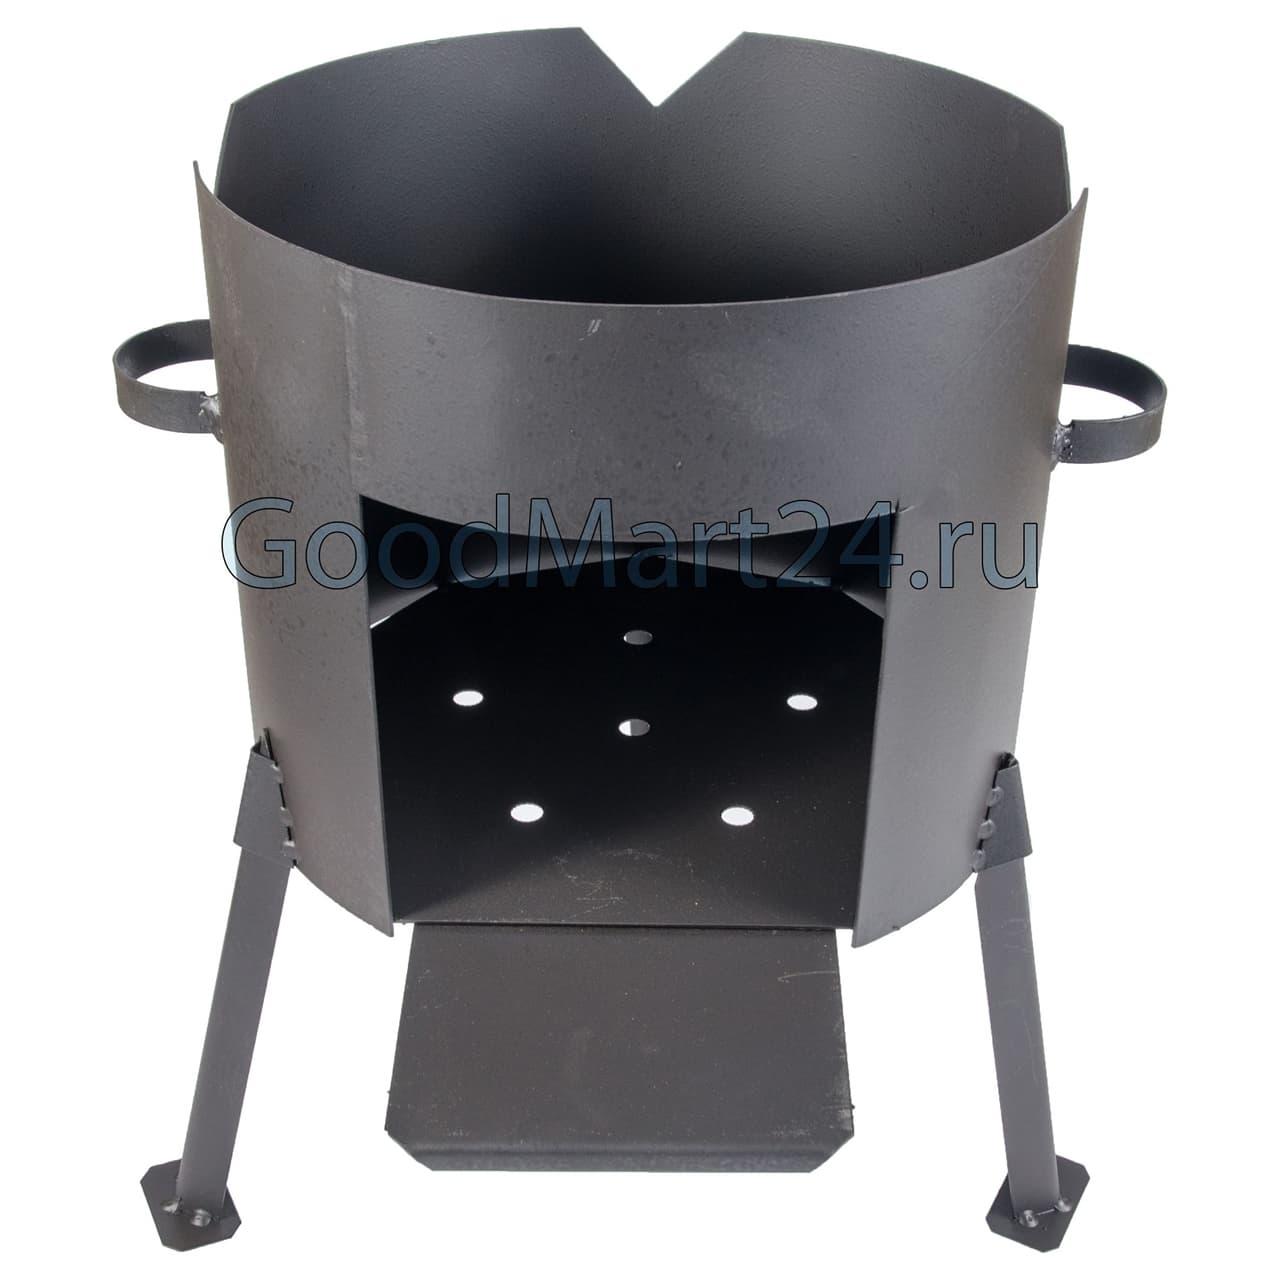 заказать чугунный казан 8 литров БЛМЗ + печь D-340 ММ сталь 2 ММ